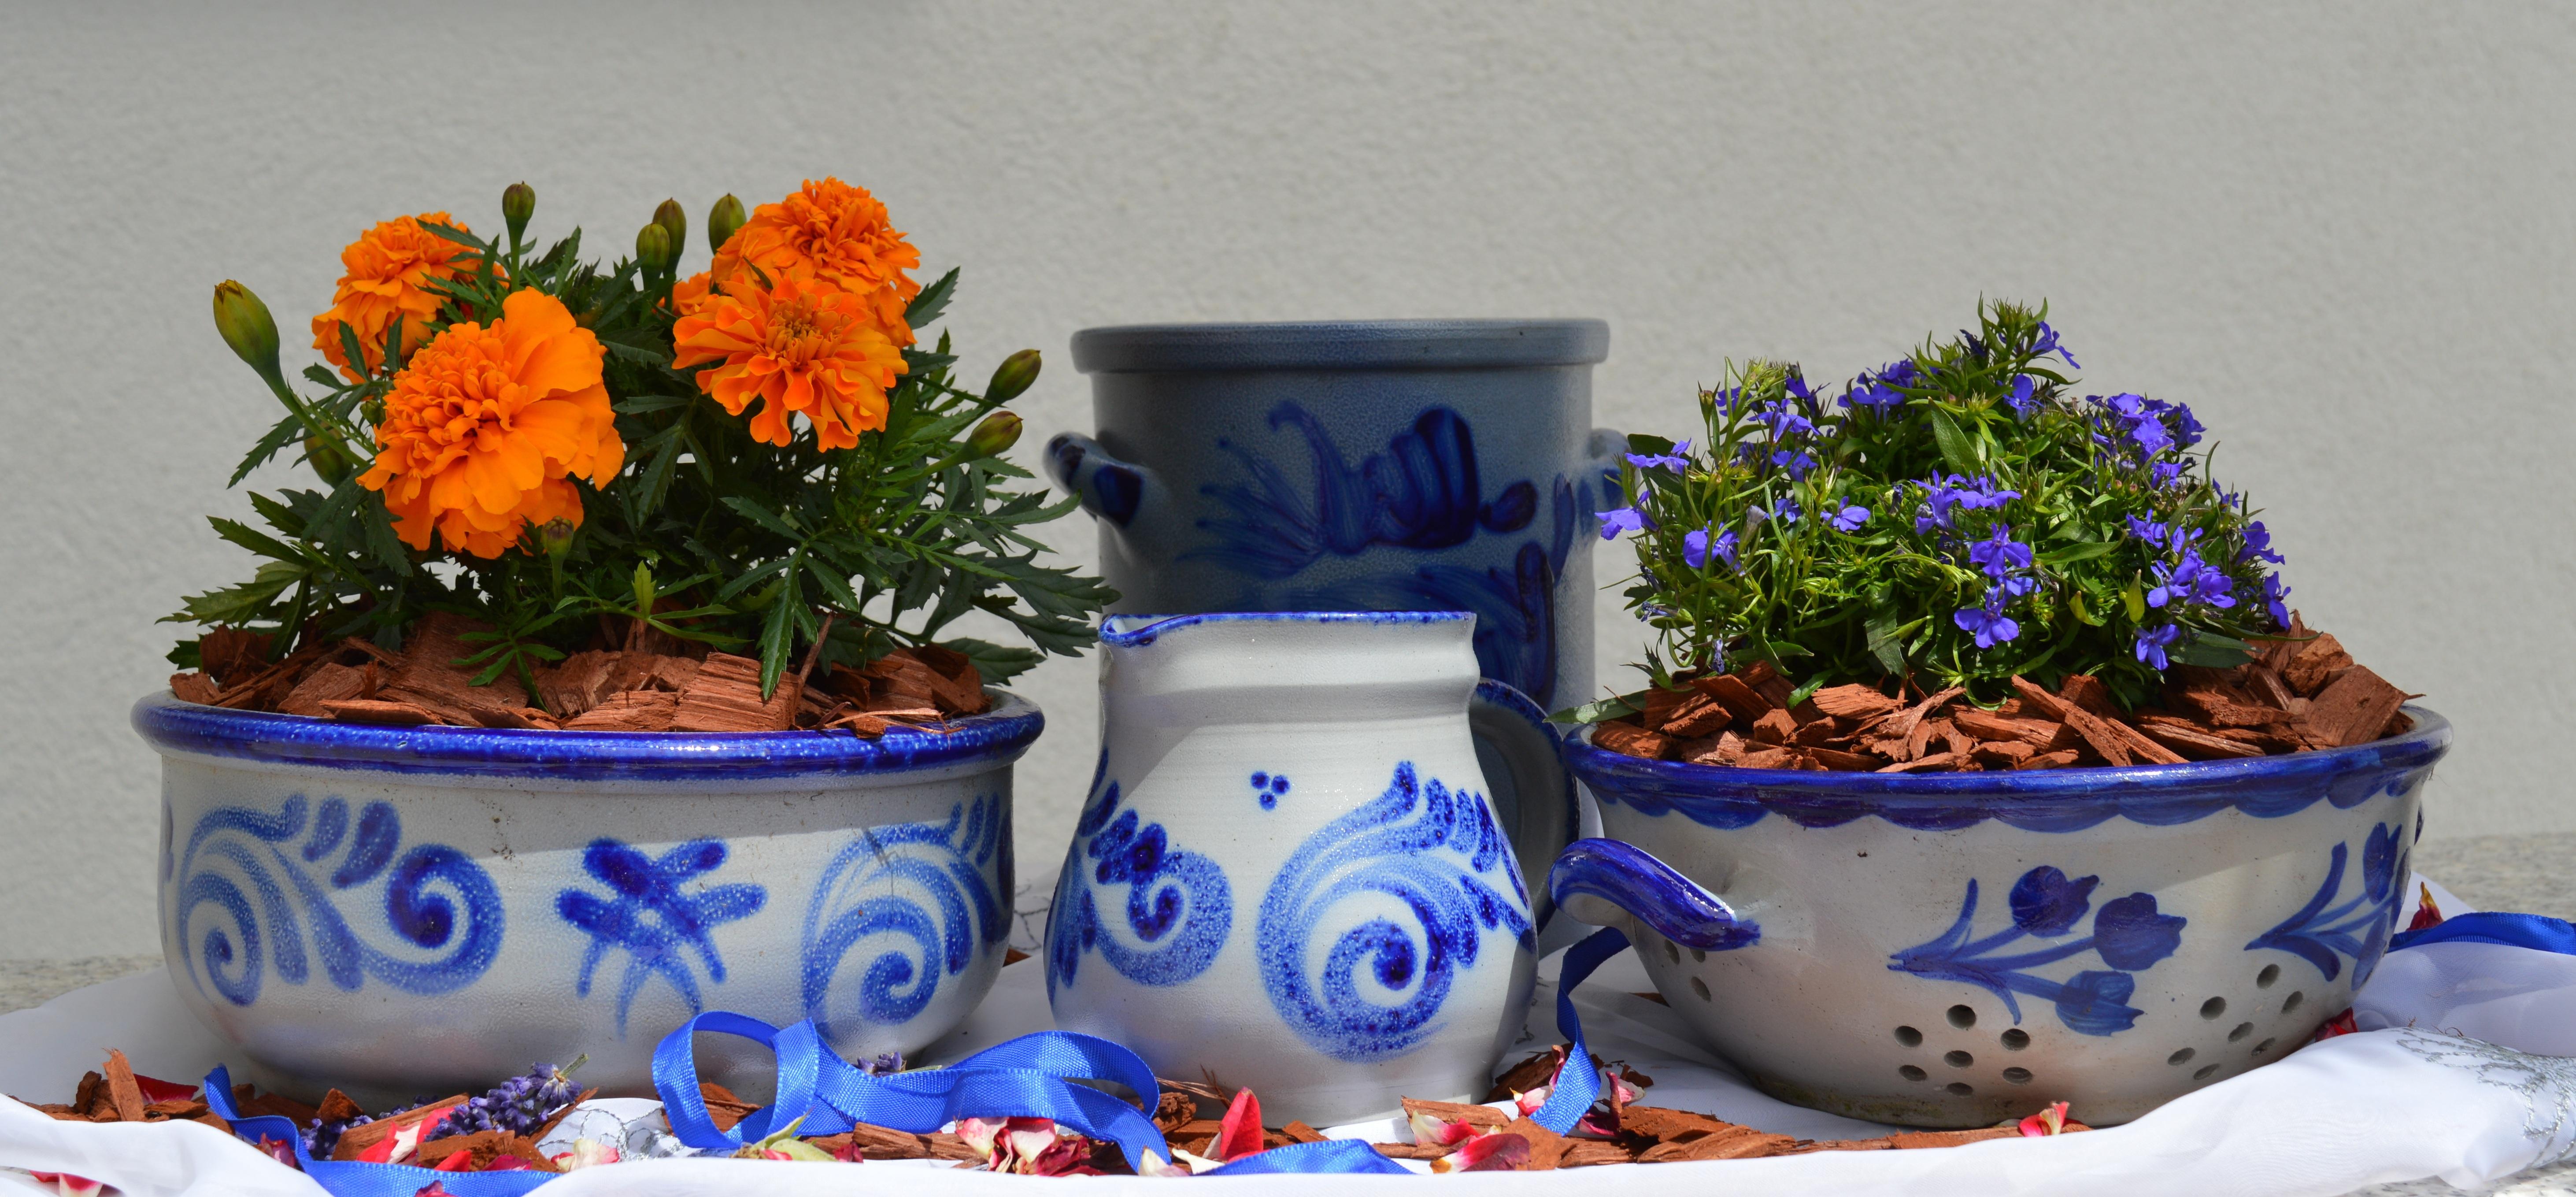 Fantastic Free Images : plant, ceramic, blue, garden, flowers, arrangement  WN85